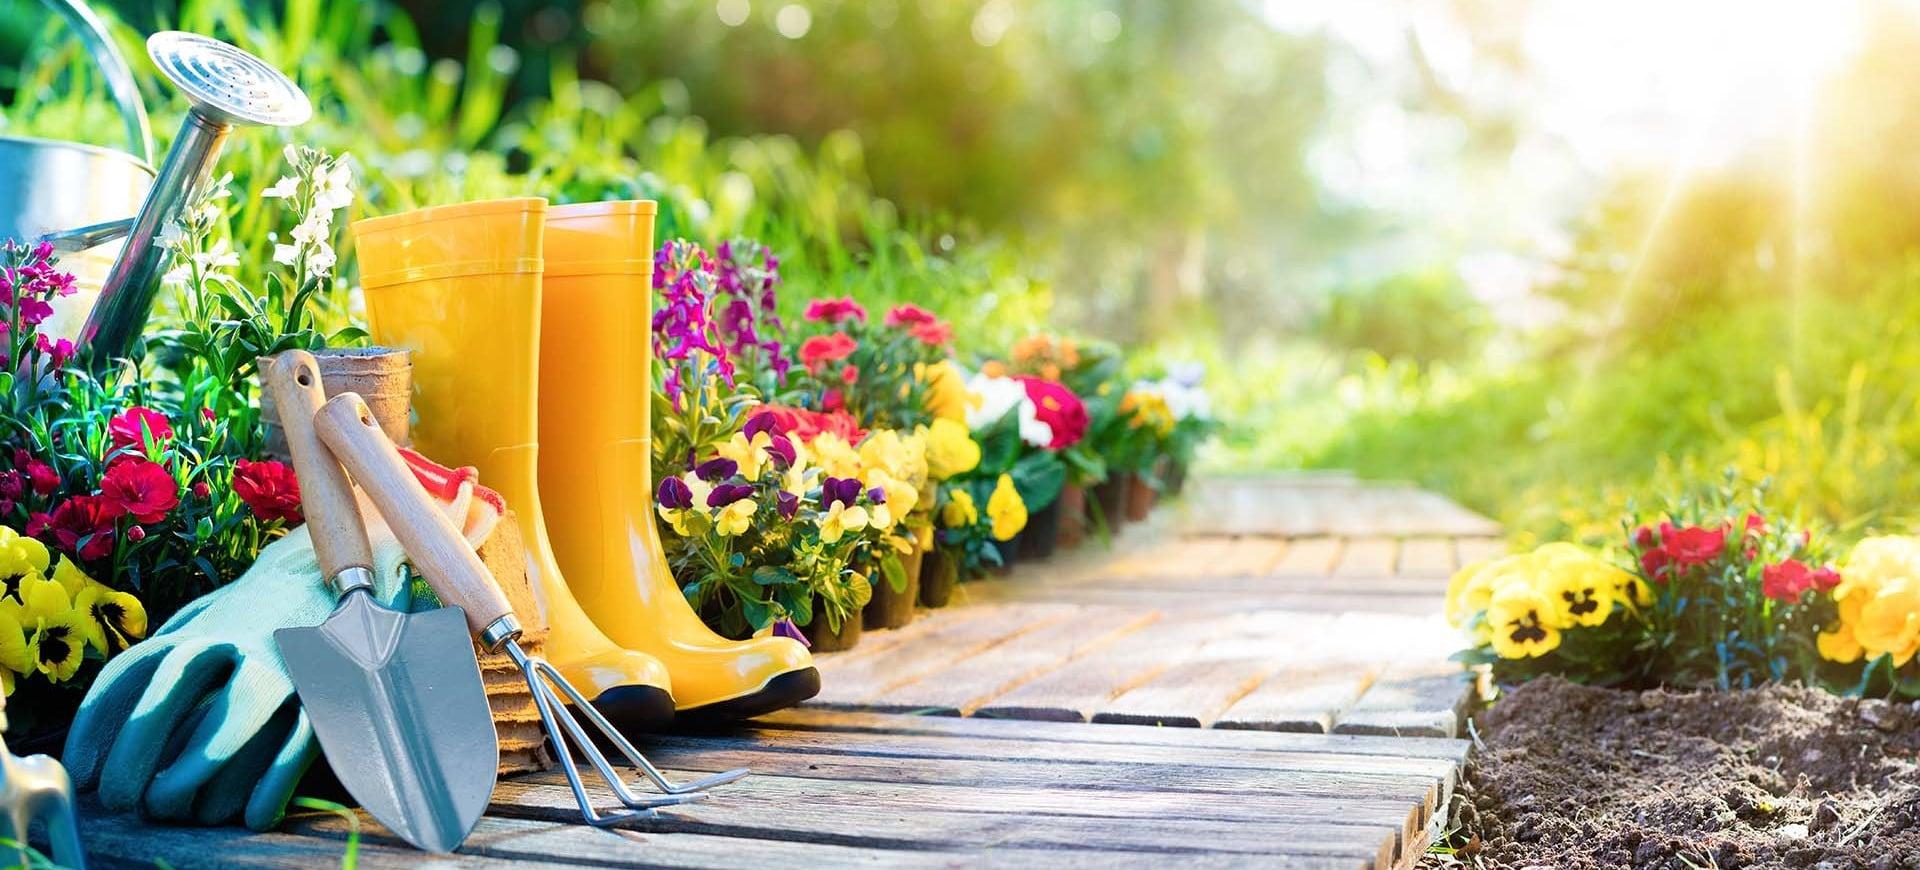 Atrezzi per giardinaggio da tuttogiardino ampia scelta for Articoli giardinaggio